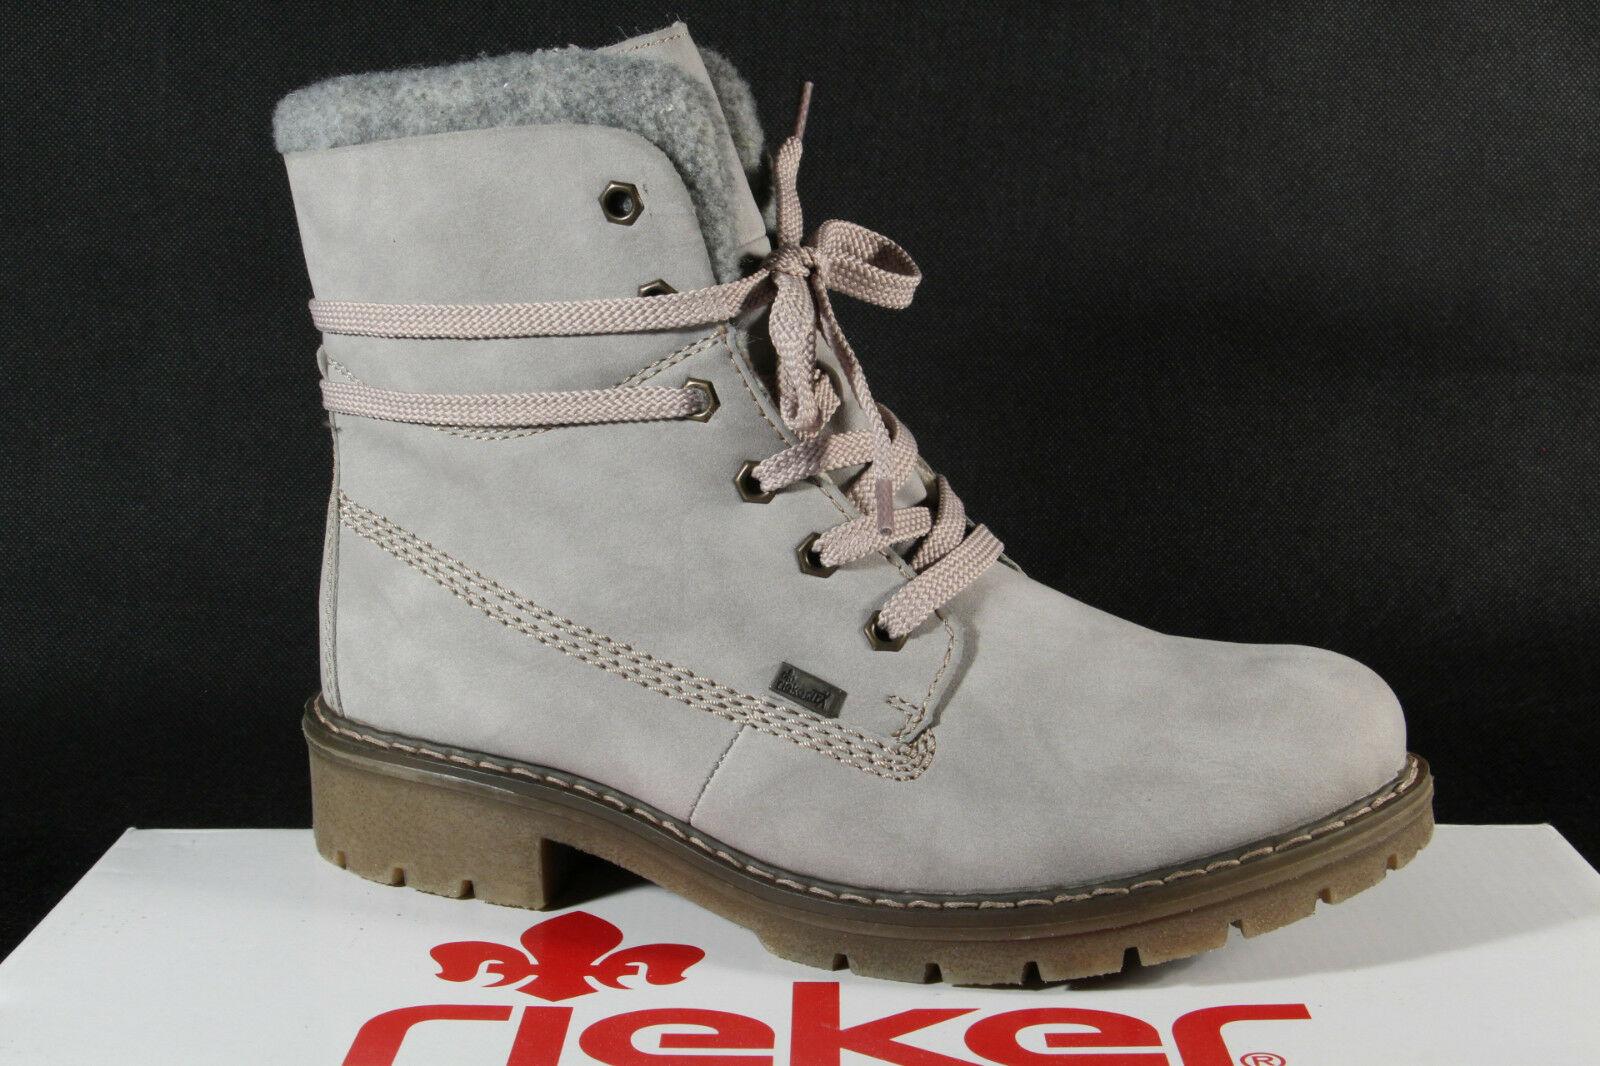 Rieker Tex Schnürstiefel Boots Stiefelette Stiefel grau Y9144 NEU!